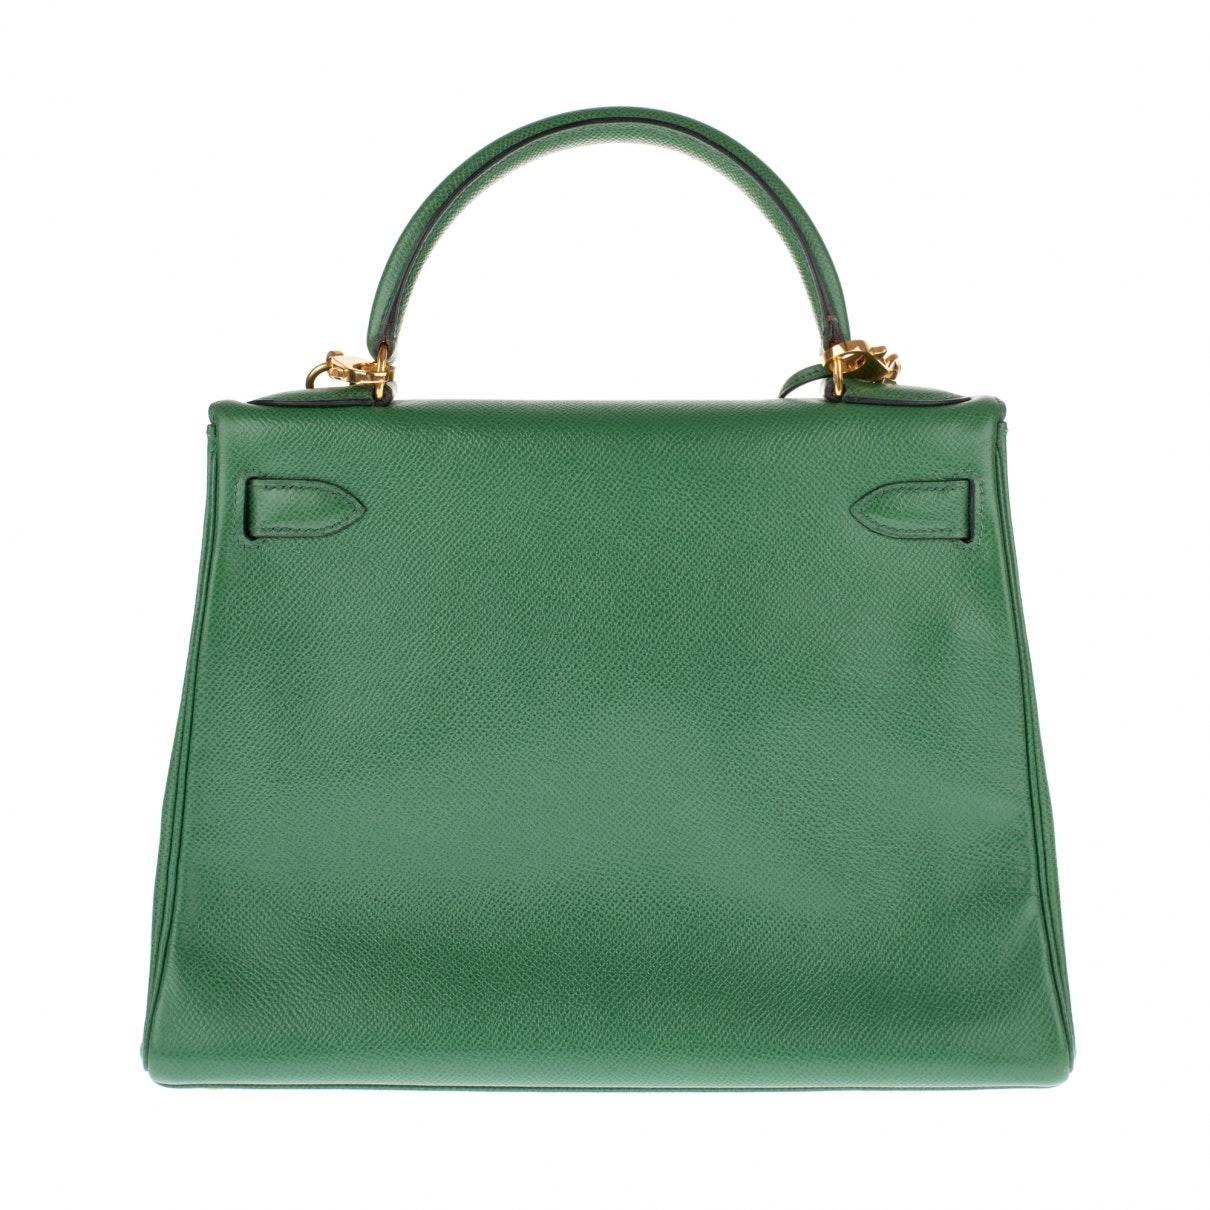 Sac à main Kelly 28 en Cuir Vert Cuir Hermès en coloris Vert S0Qu